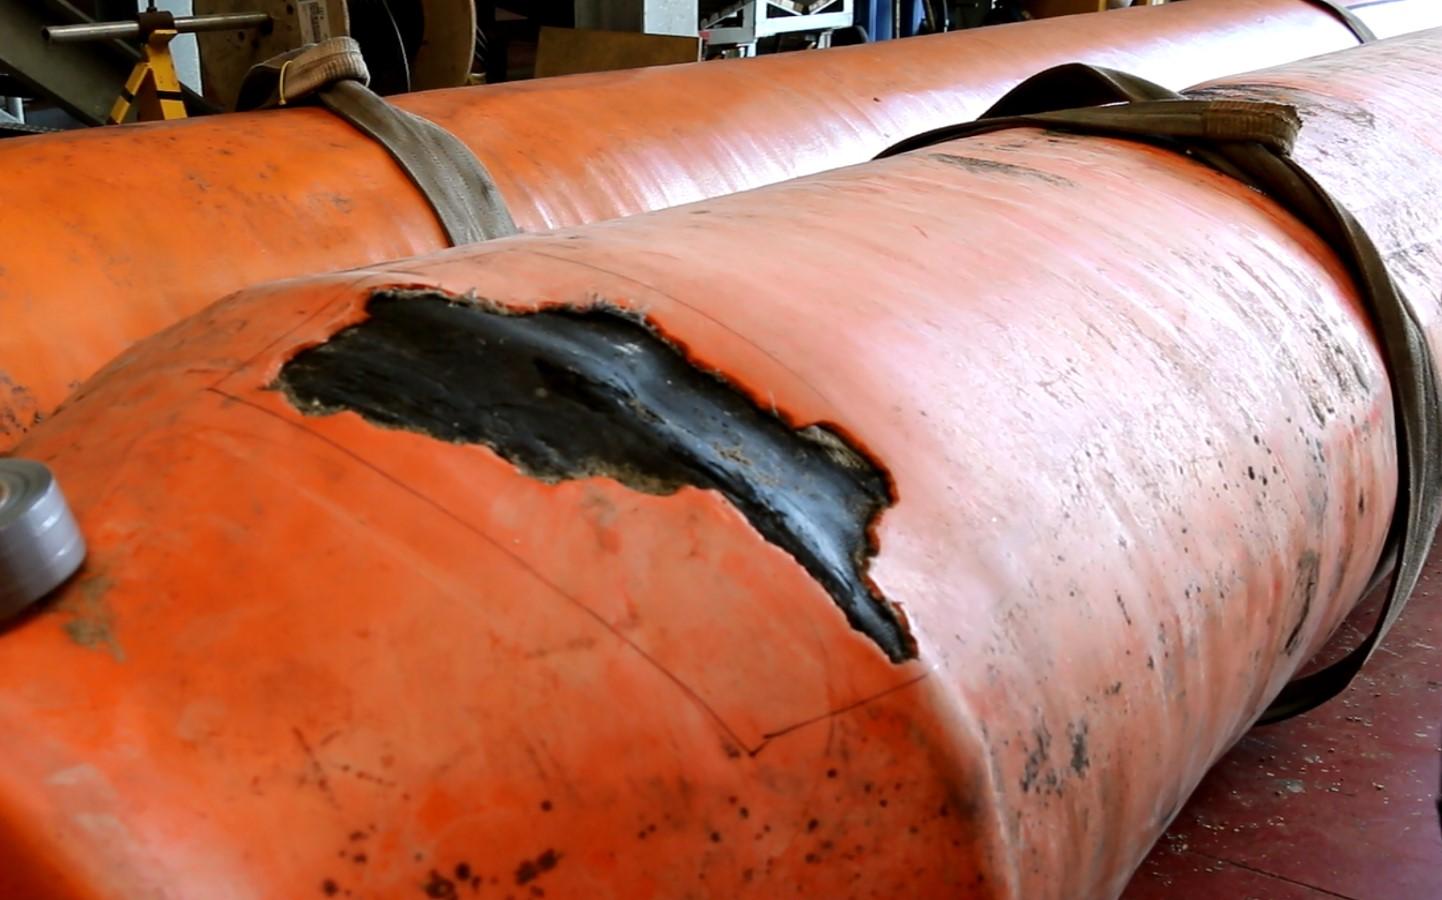 Floating Hose Damage 2